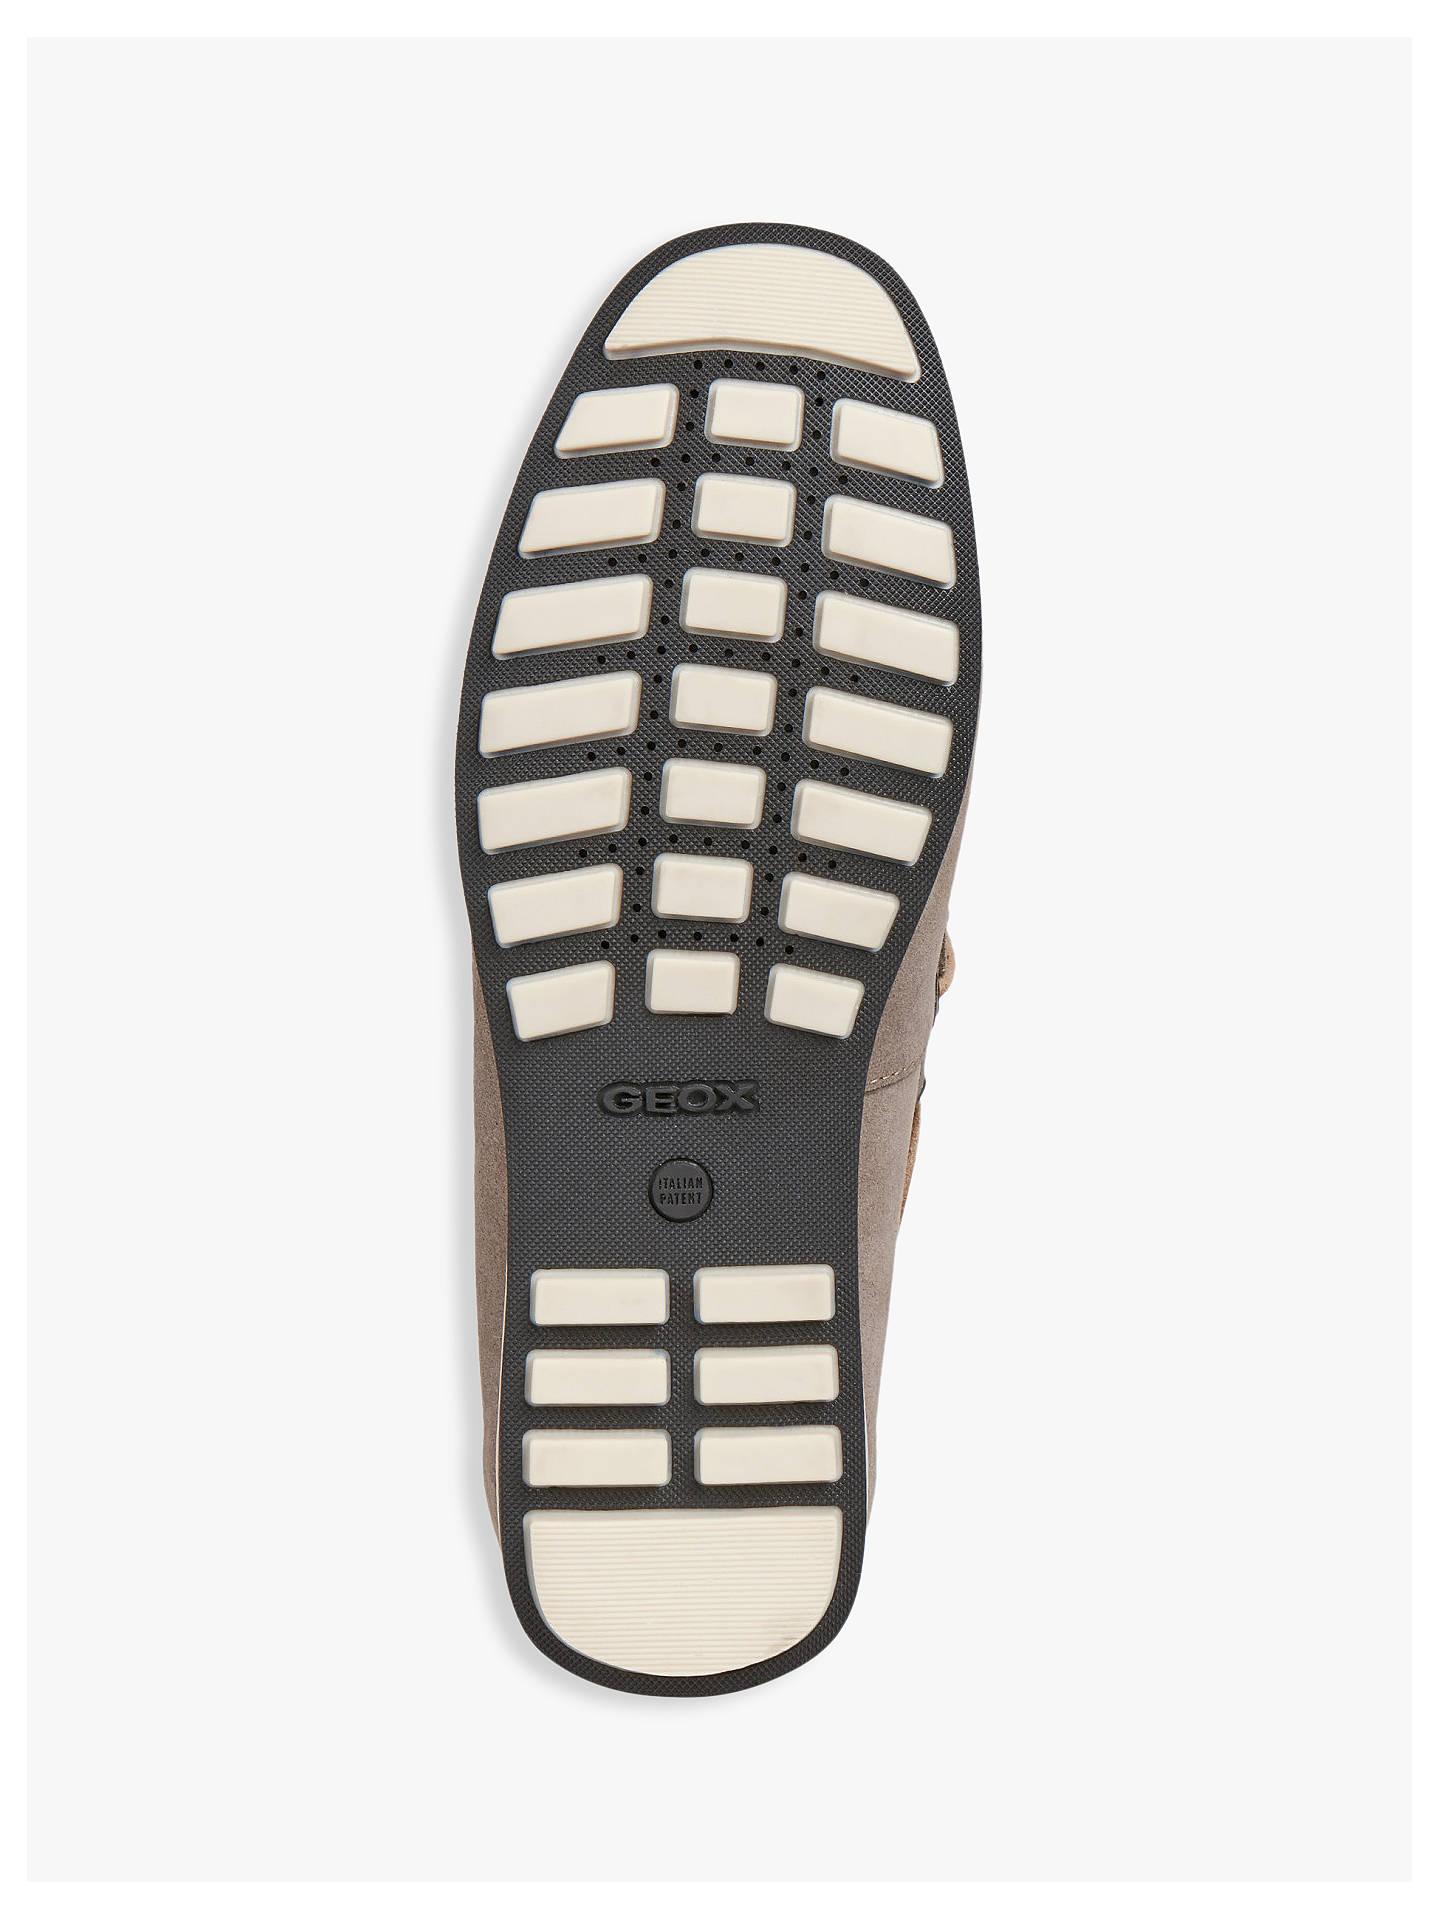 feinste Auswahl detaillierte Bilder kaufen Geox Mirvin Suede Loafers at John Lewis & Partners